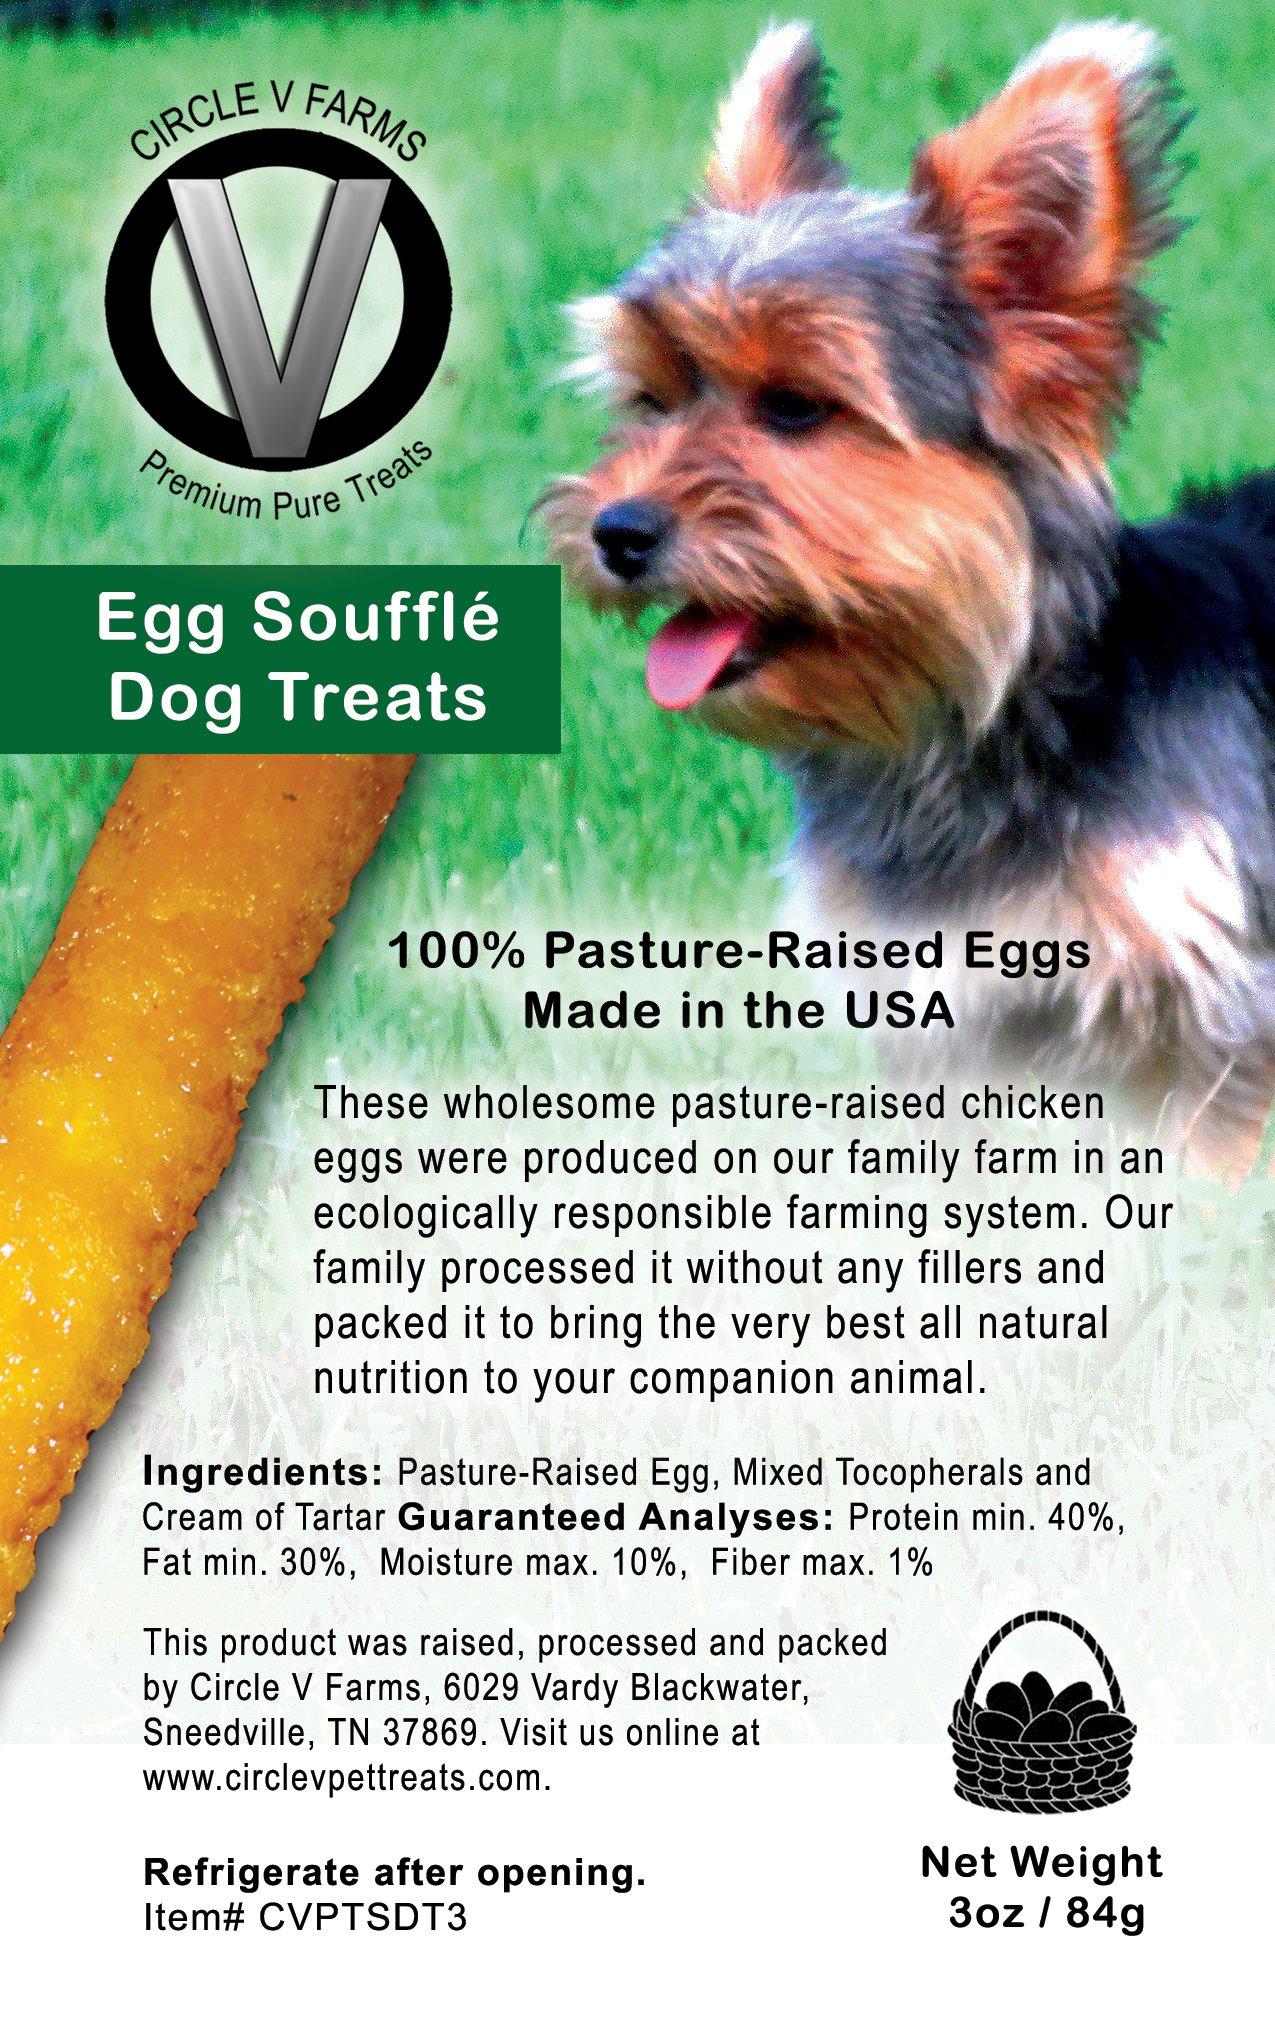 Circle V Egg Souffle Dog Treats